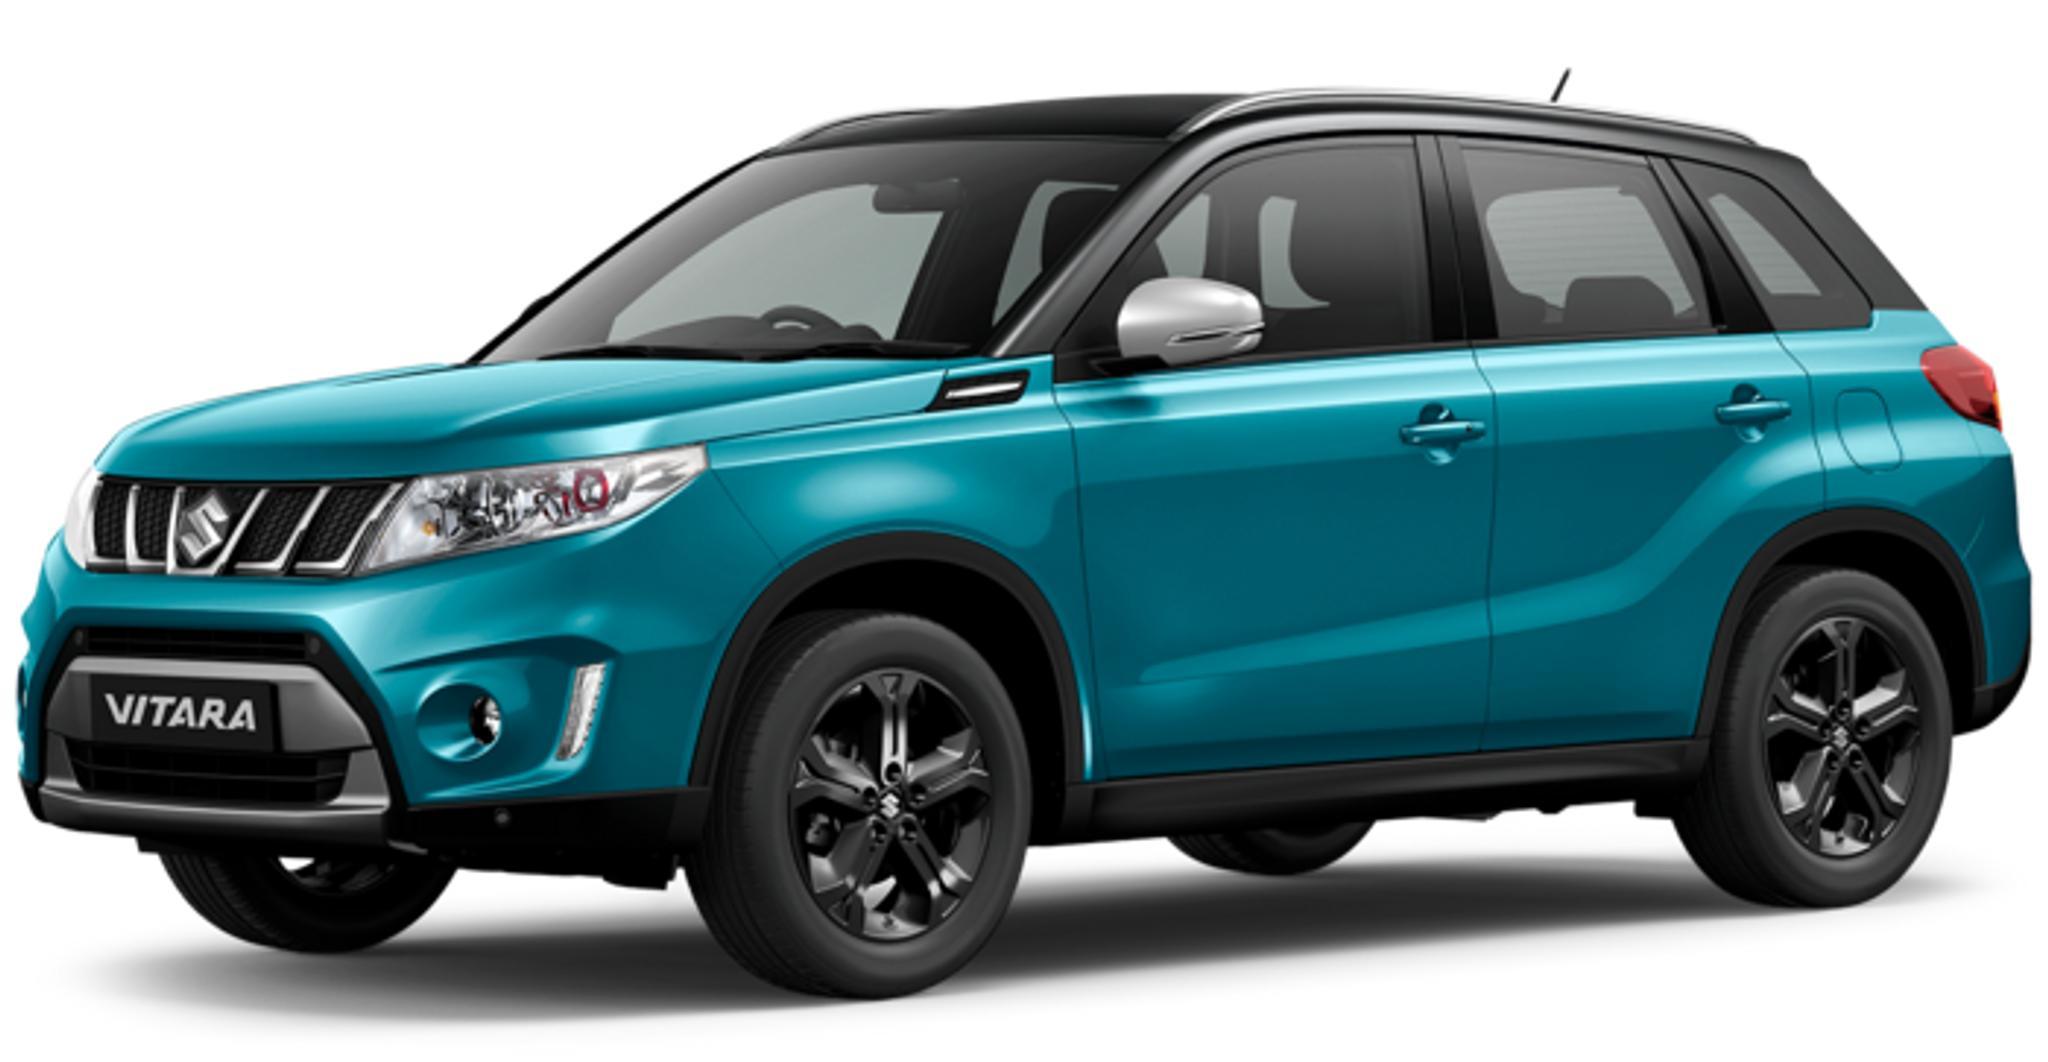 Suzuki Mini Suv >> Suzukilta Kova Mielipide Sahkoautoista Valtavasti Lisaa